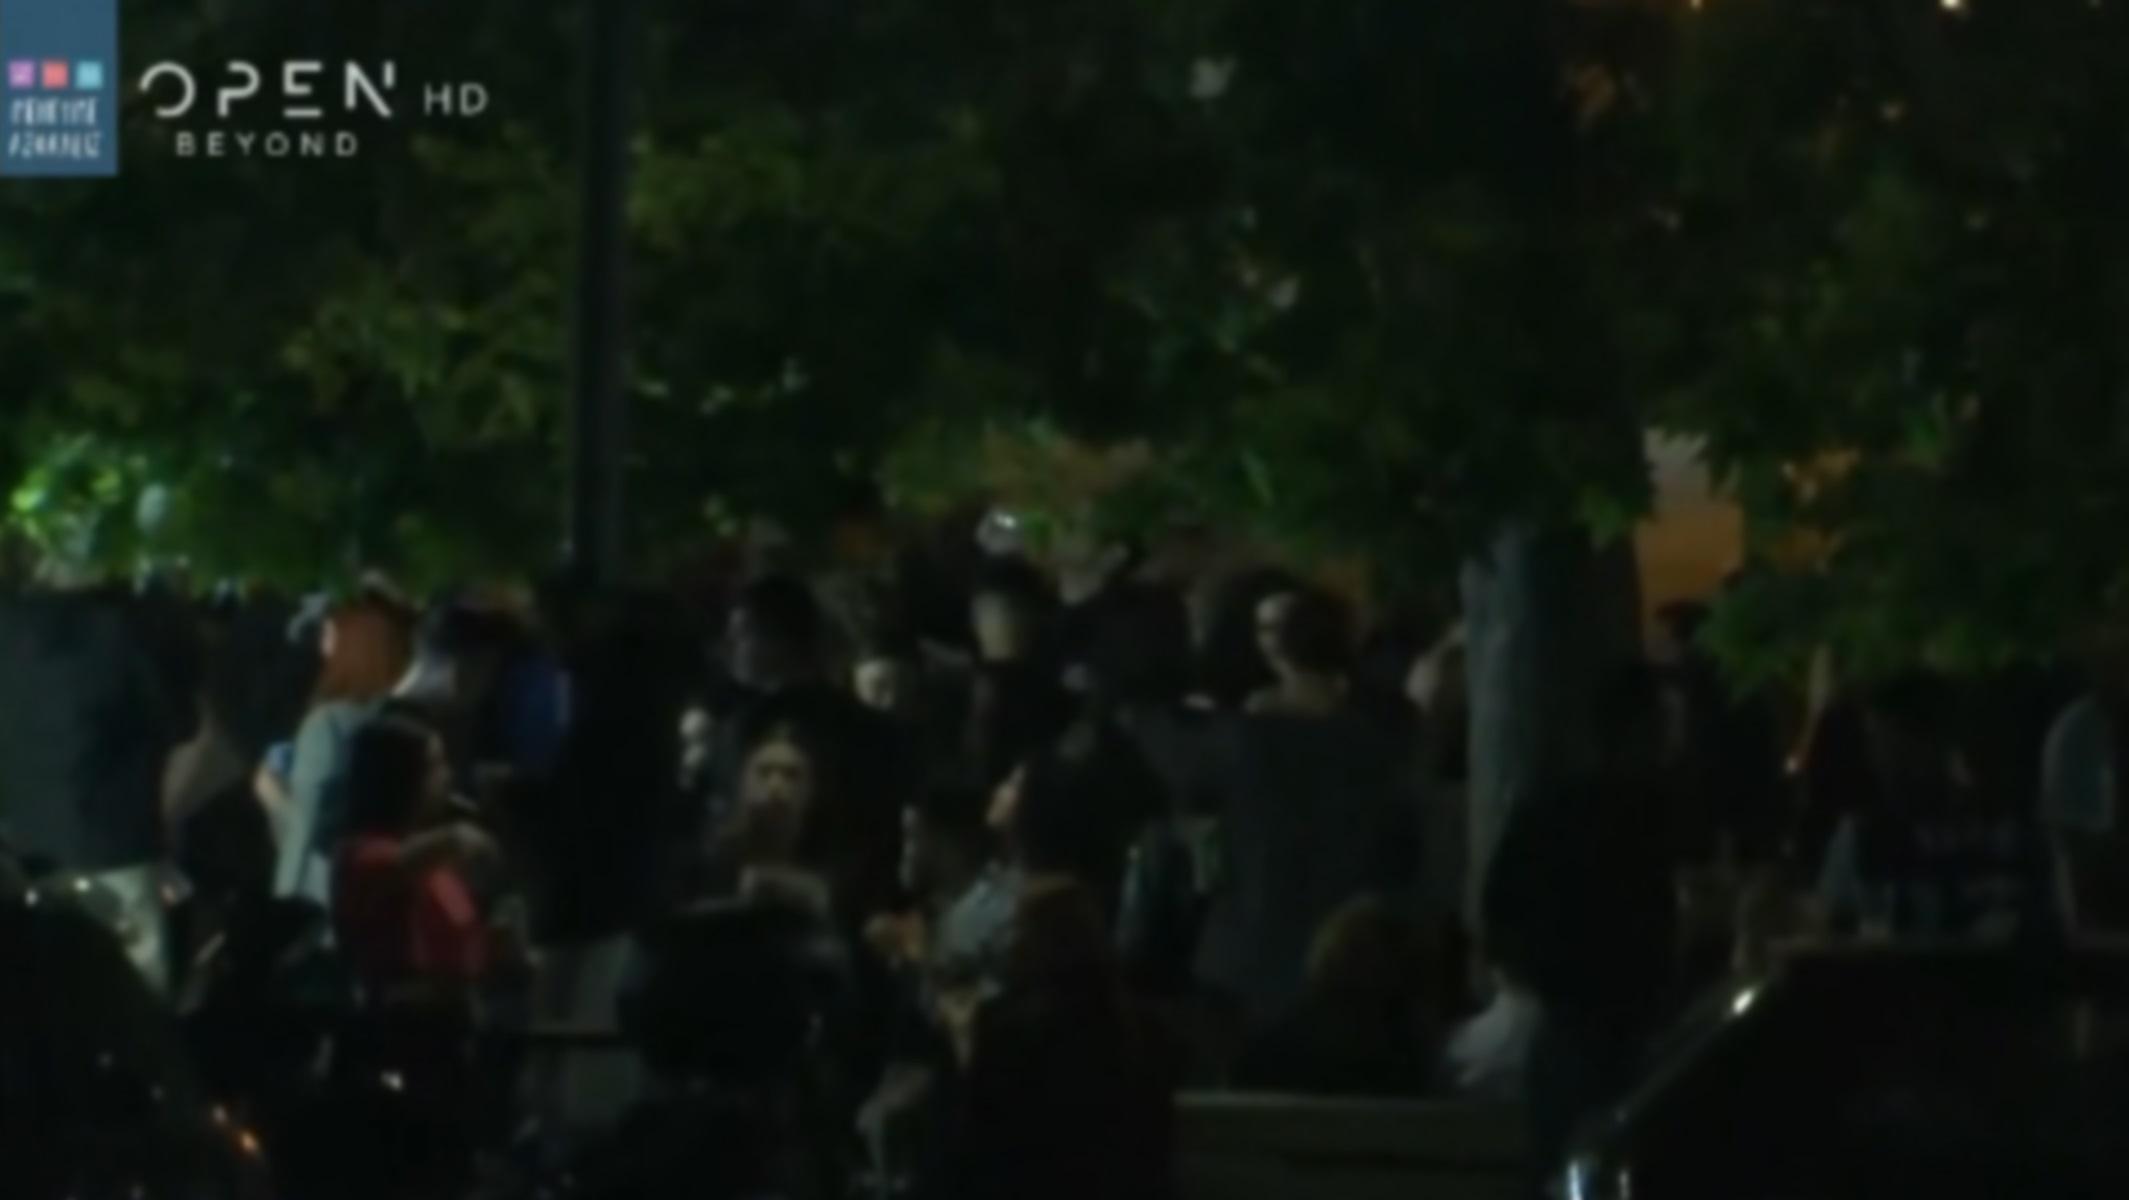 """Παγκράτι: Νέο """"πάρτι"""" στην πλατεία Βαρνάβα παρουσία αστυνομικών –  Πλήθος κόσμου με take away ποτά (video)"""